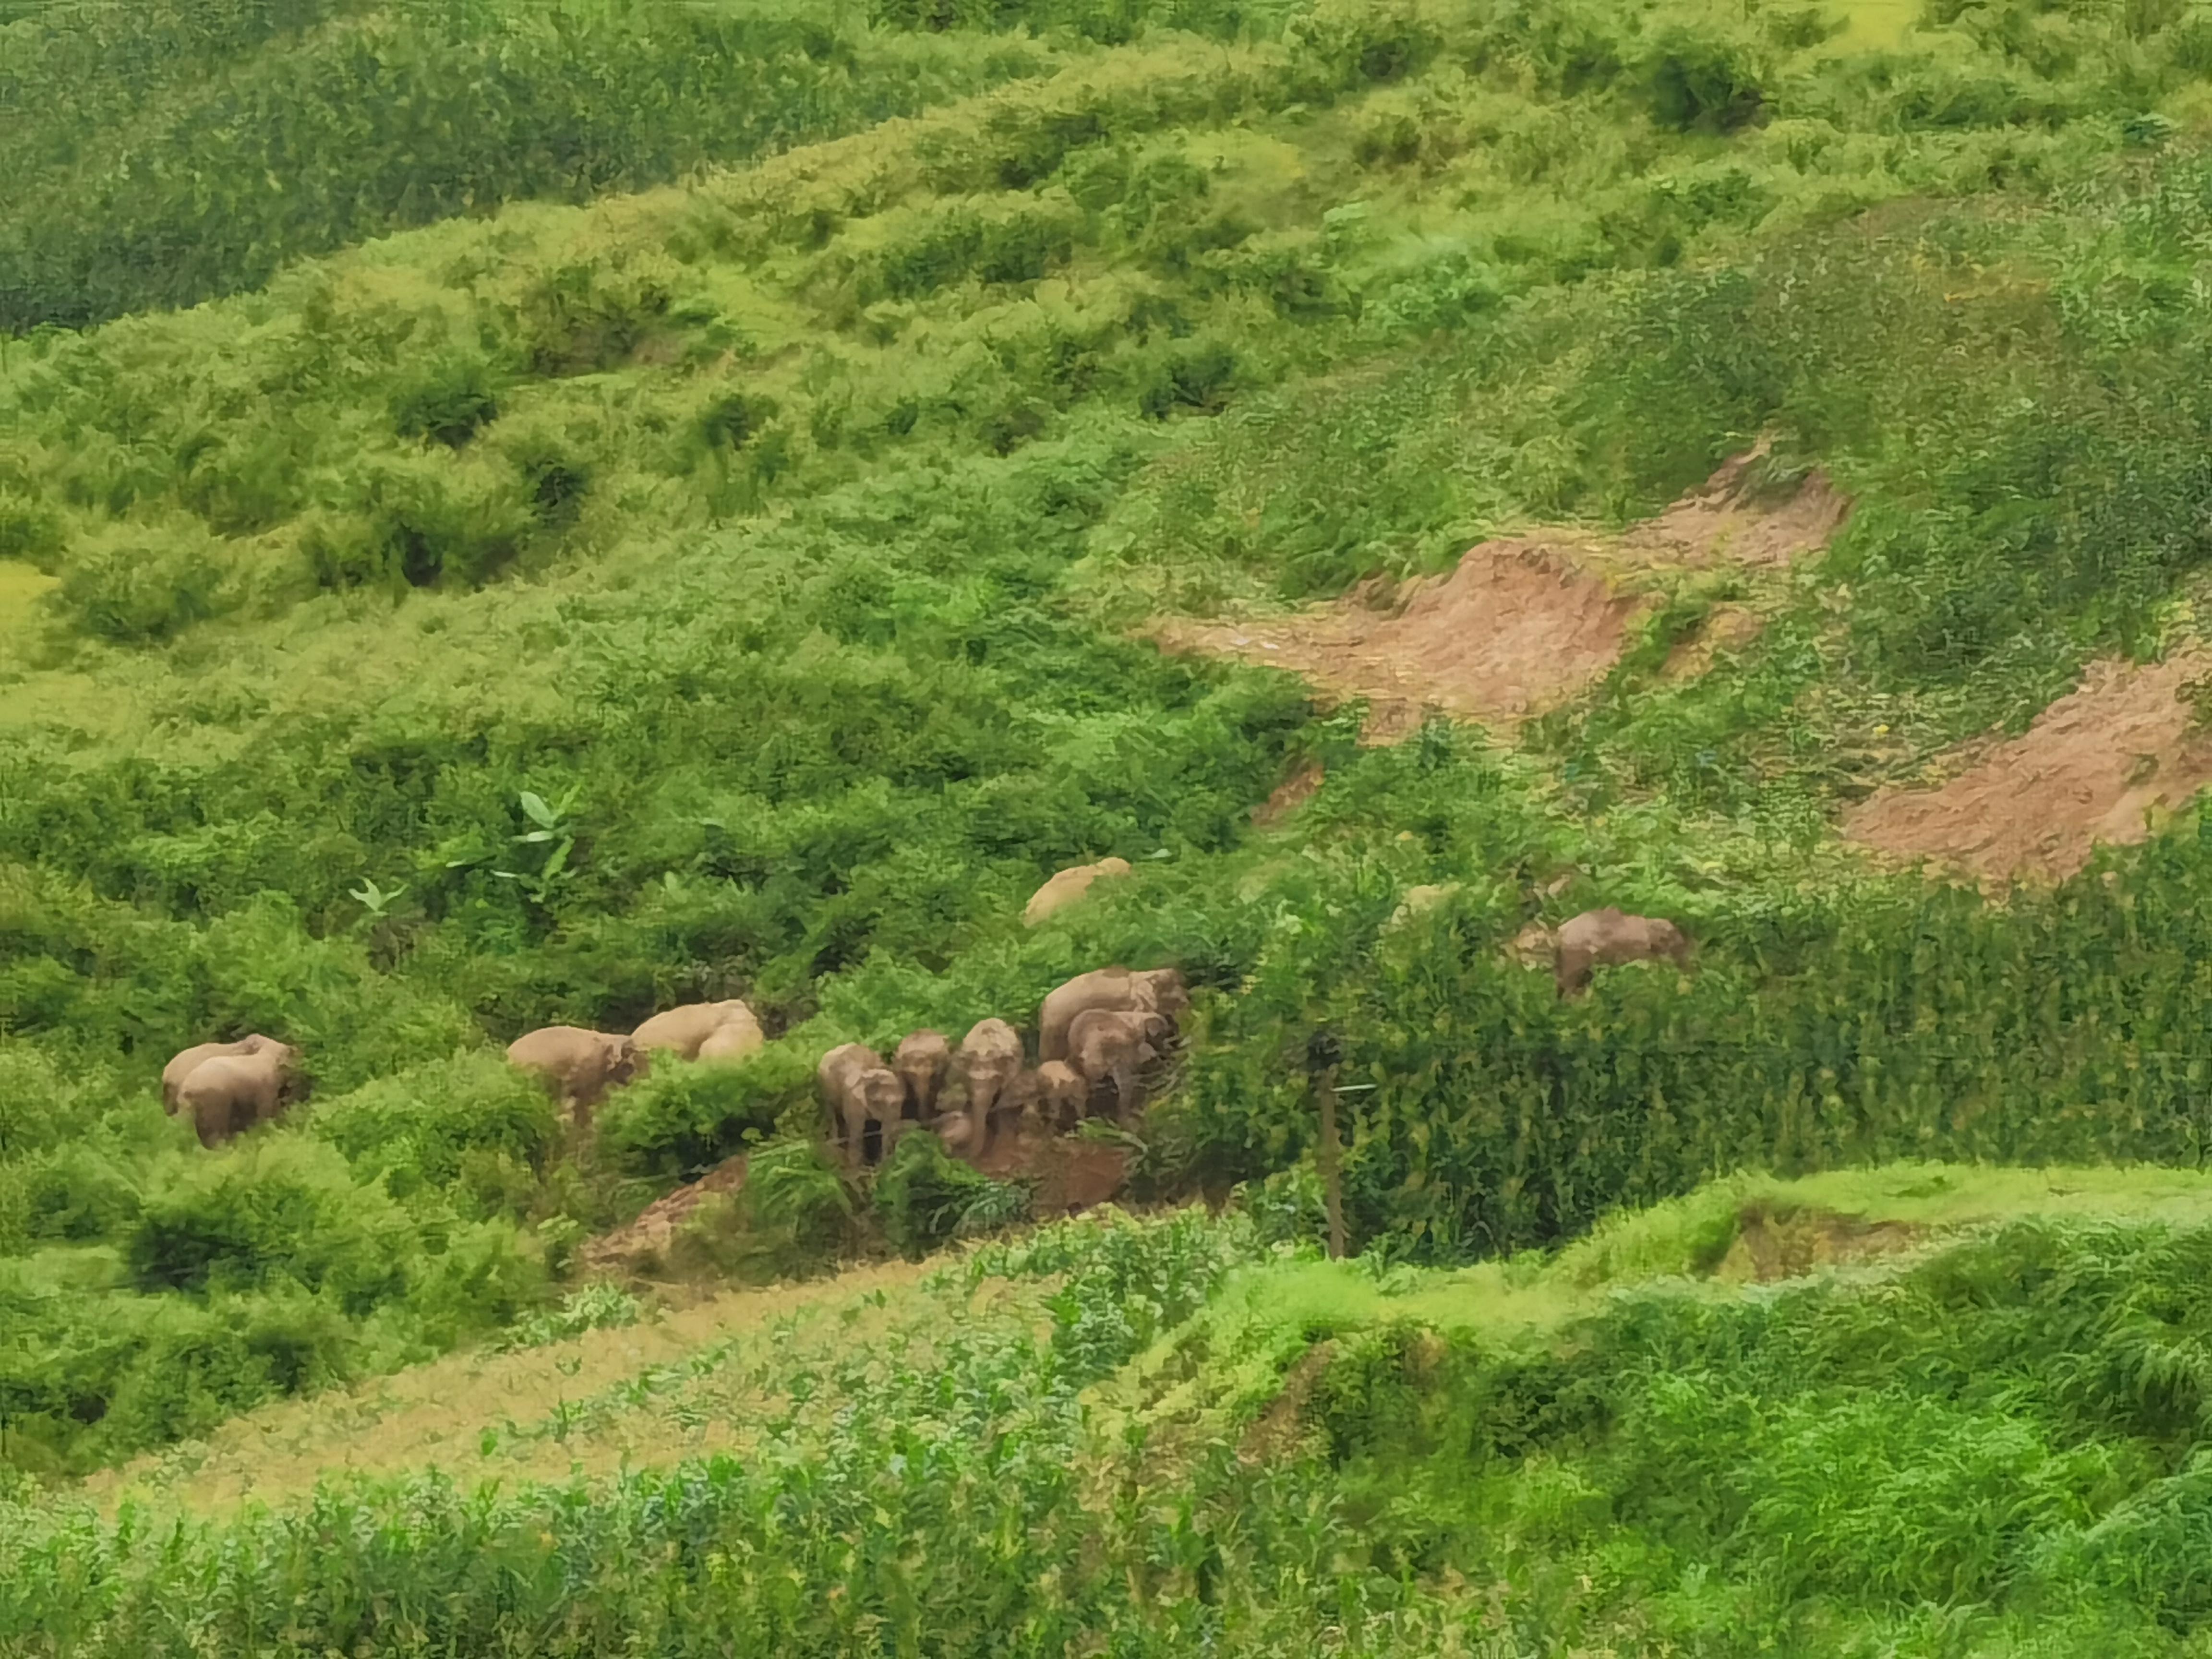 成群结队的亚洲象在深山出没。课题组拍摄于云南